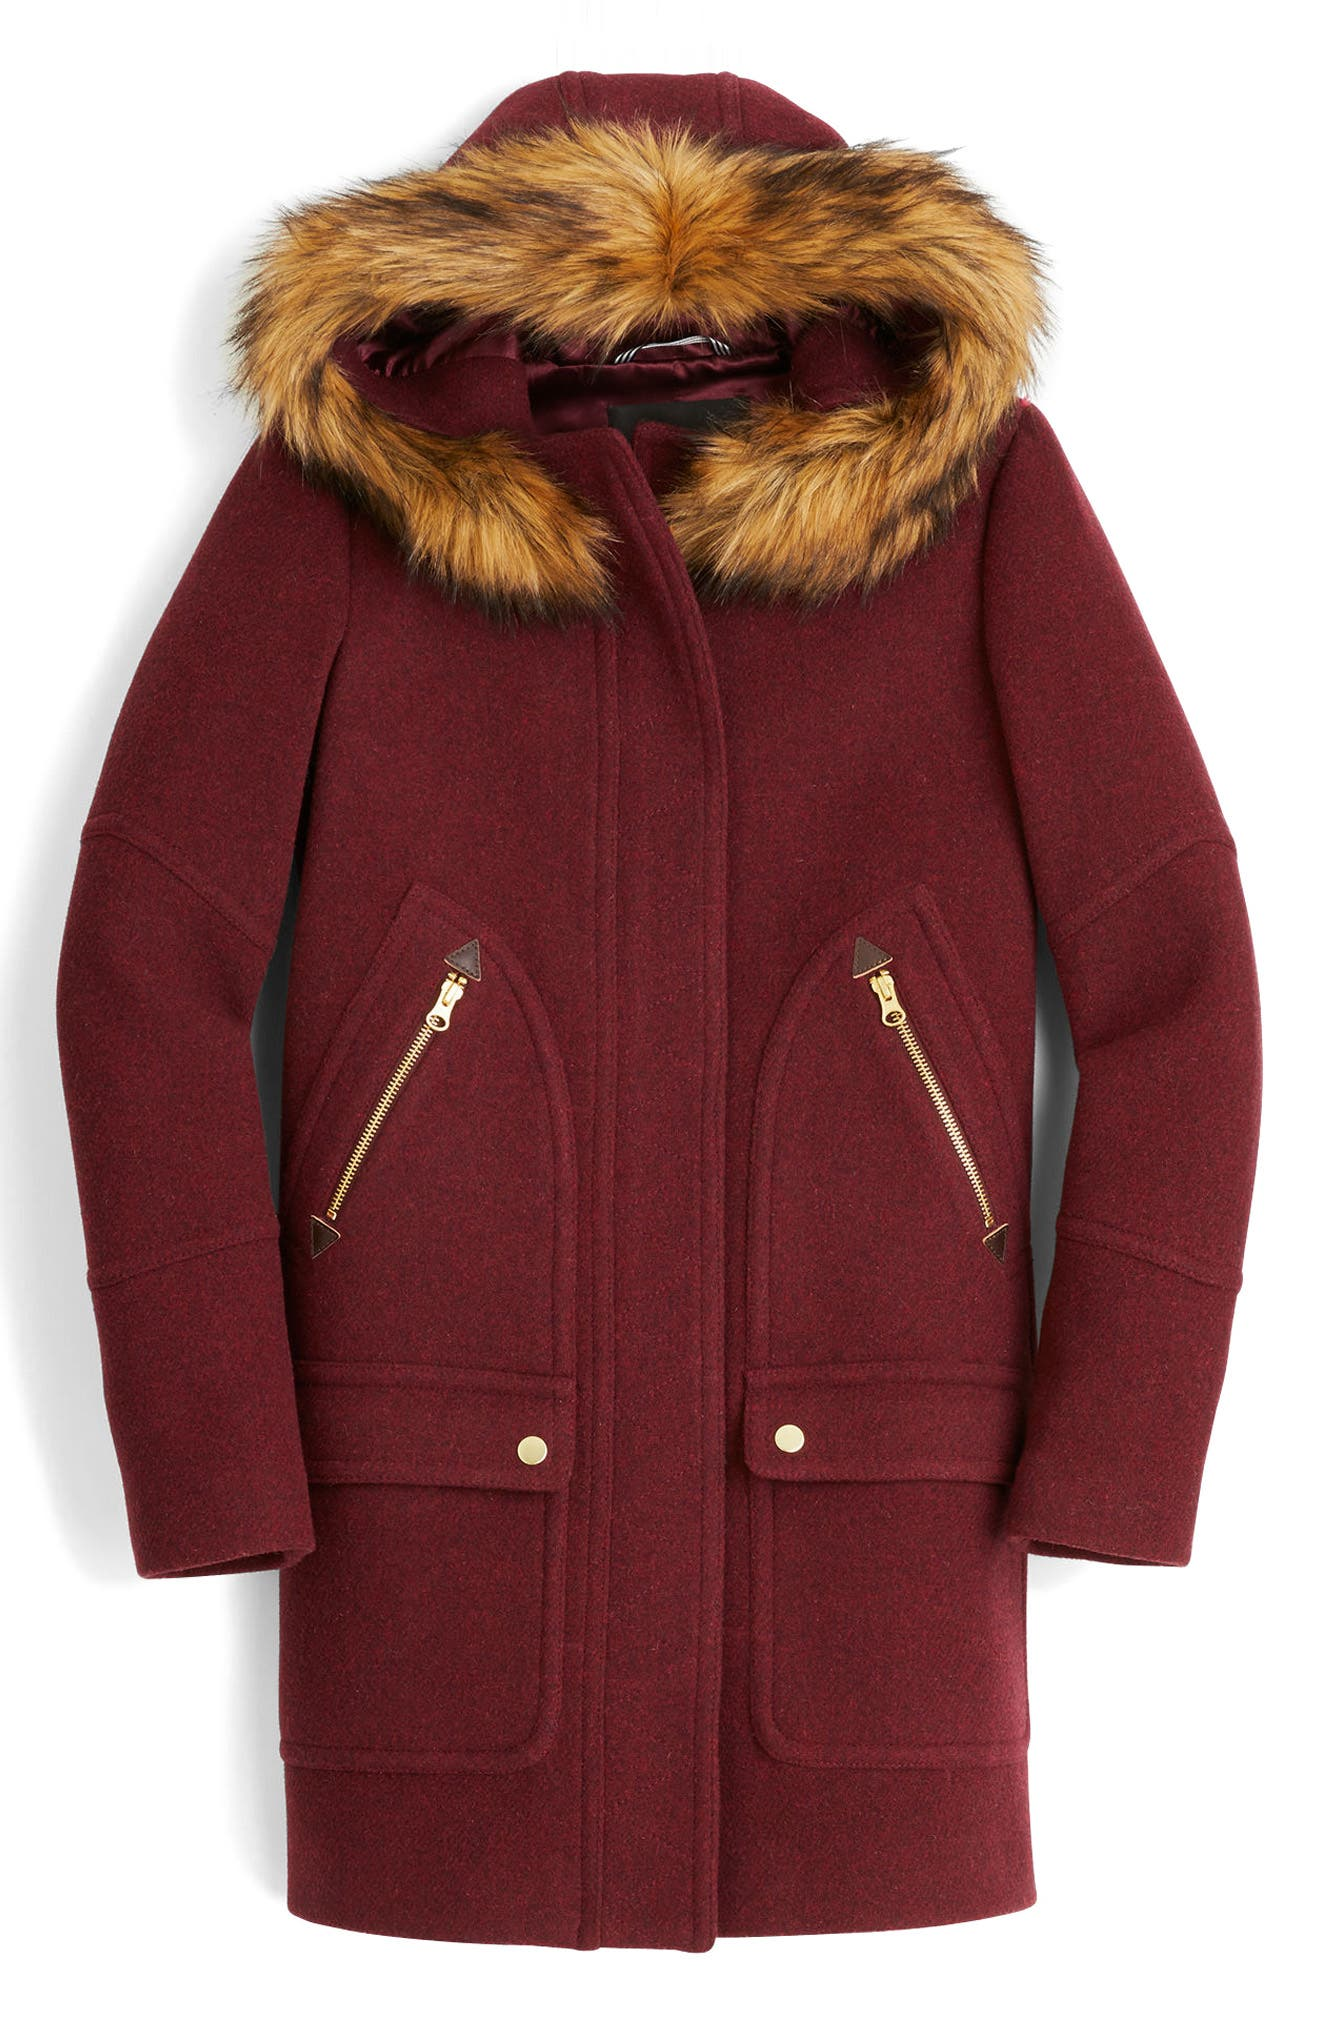 women s coats jackets nordstrom #0: